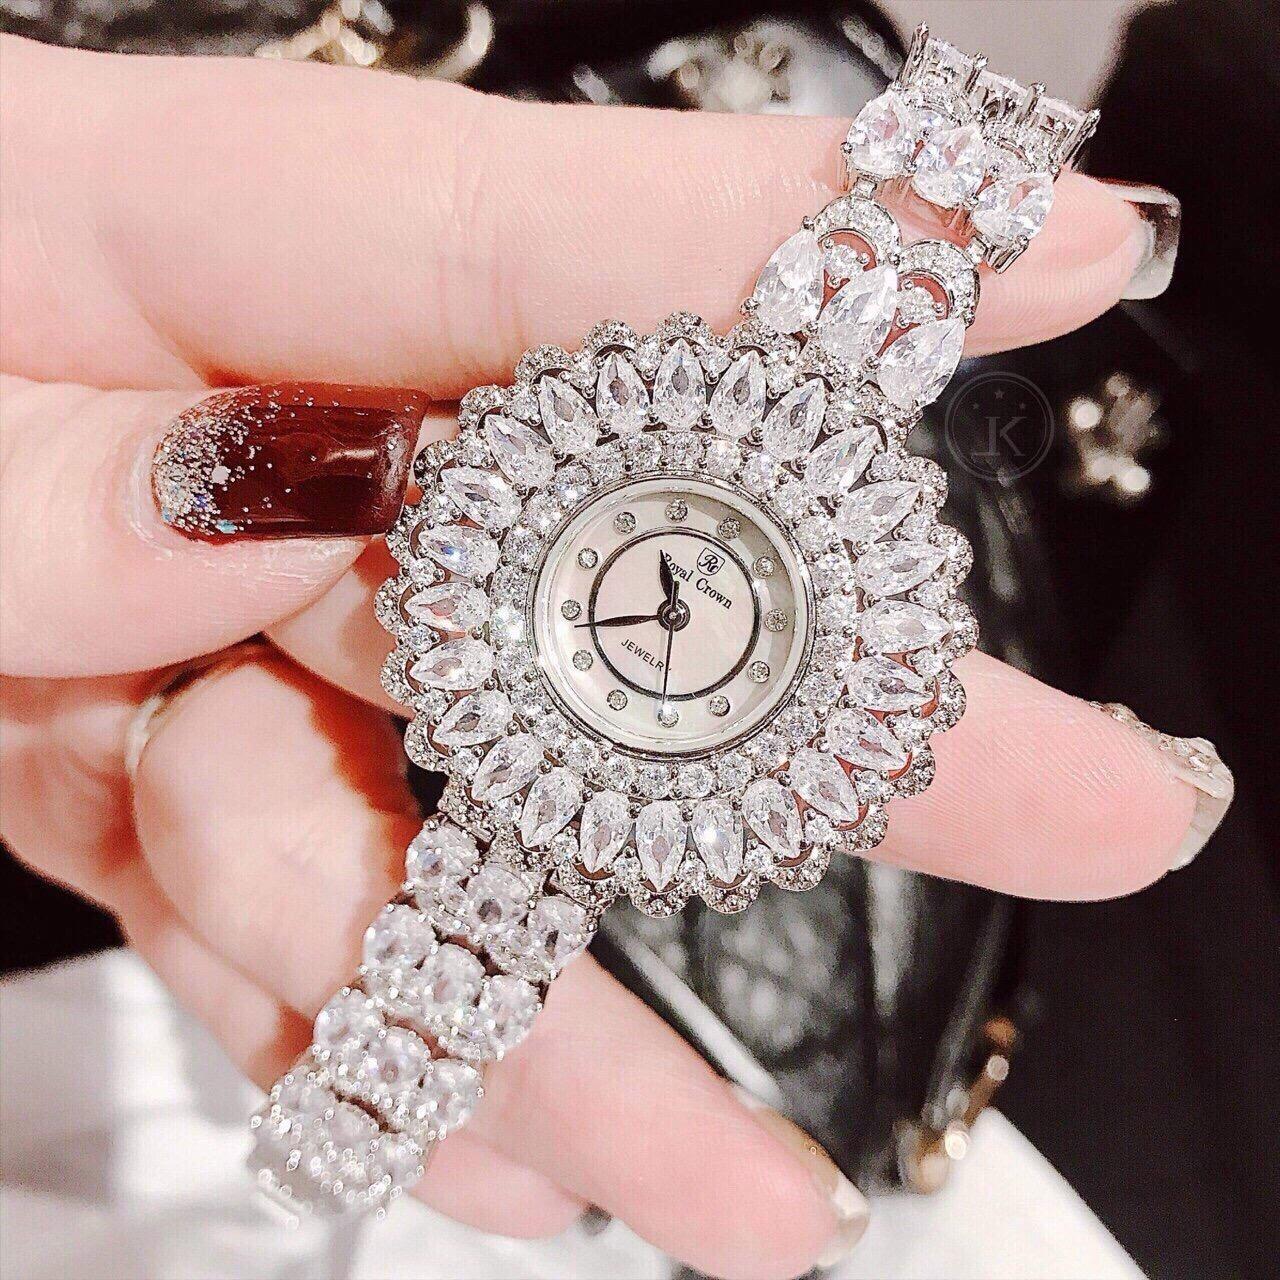 Đồng Hồ Nữ Royal Crown 6804 Hoa Tuyết Đính Đá Chính Hãng 36mm